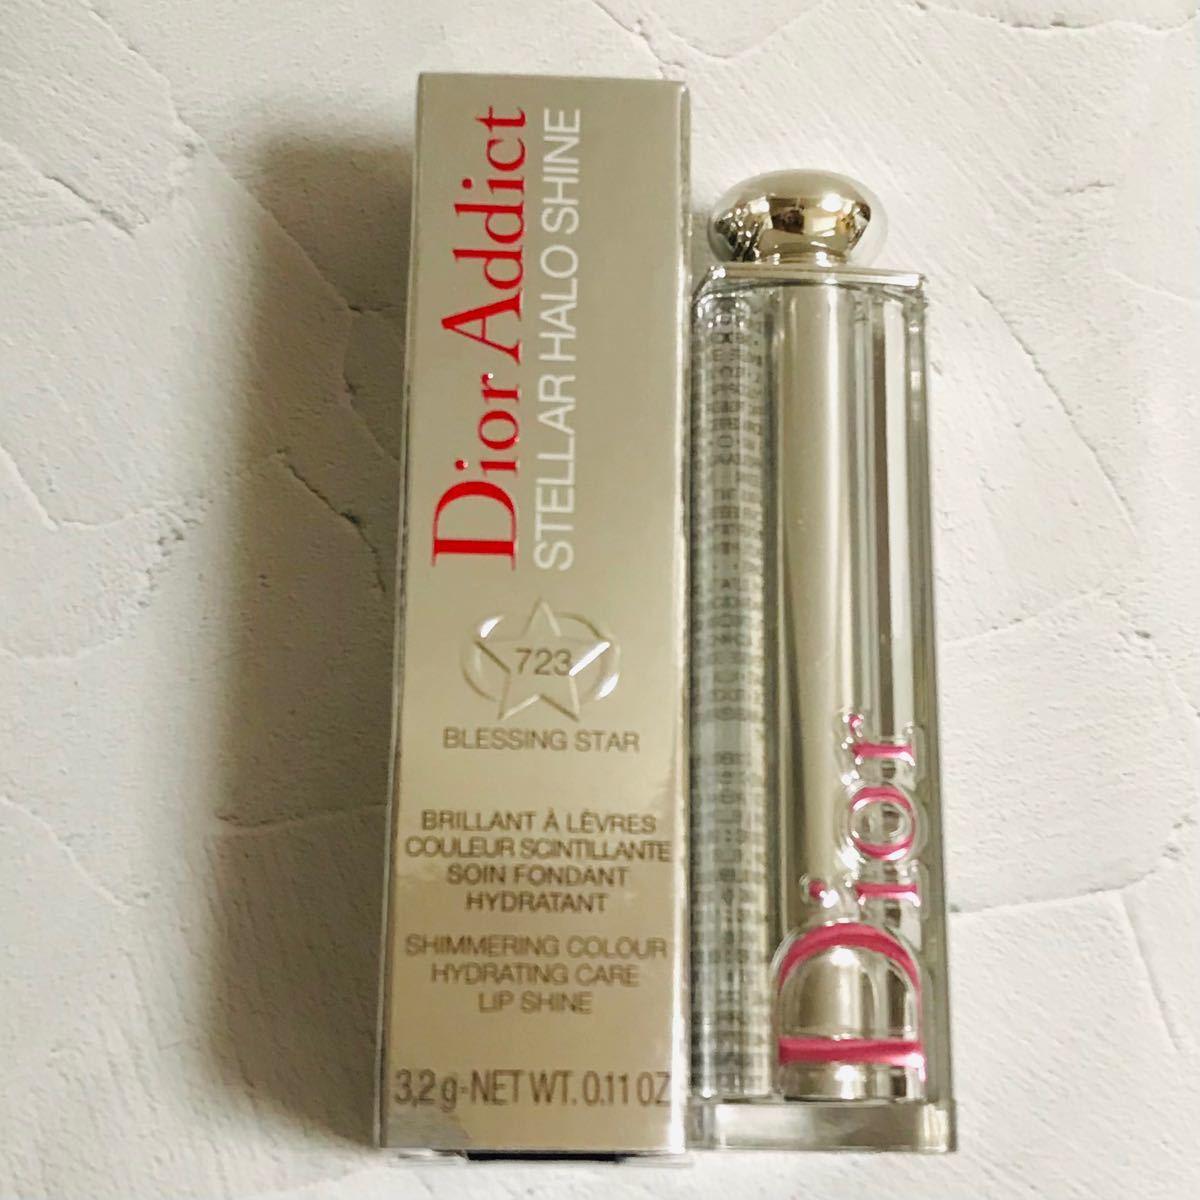 【新品未使用】Dior ディオール アディクト ステラー ハロ シャイン 723 ブレッシング スター